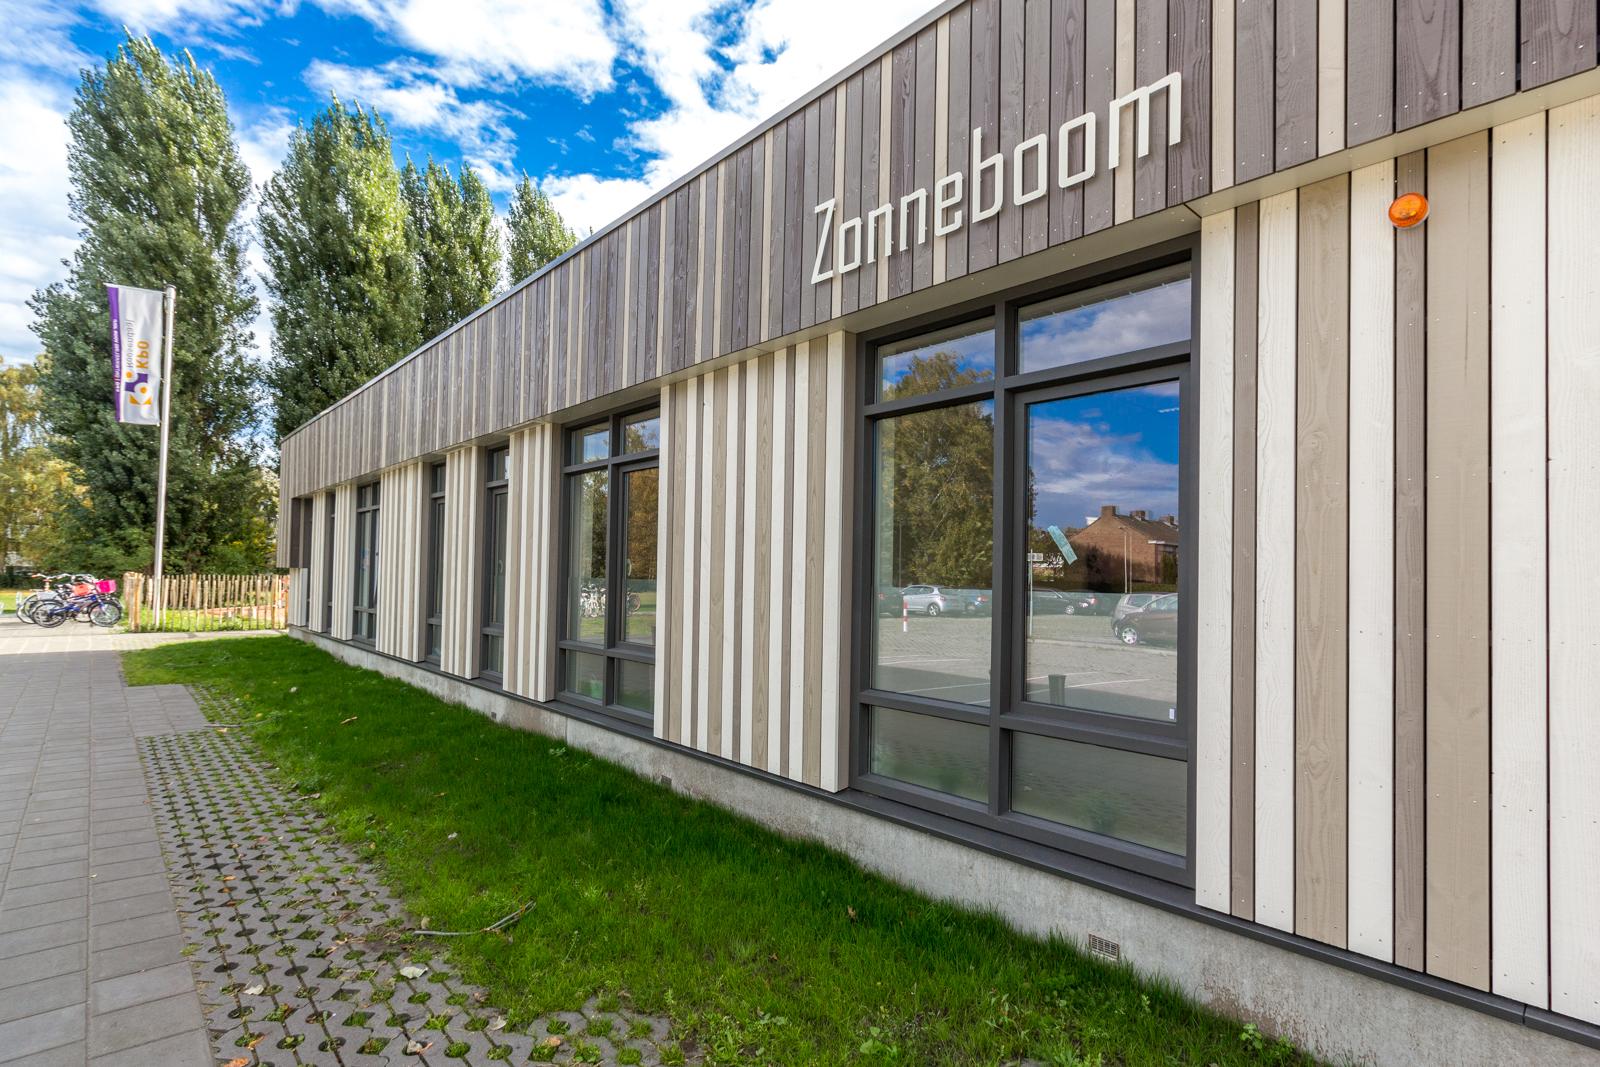 Zonneboom-Roosendaal-5710